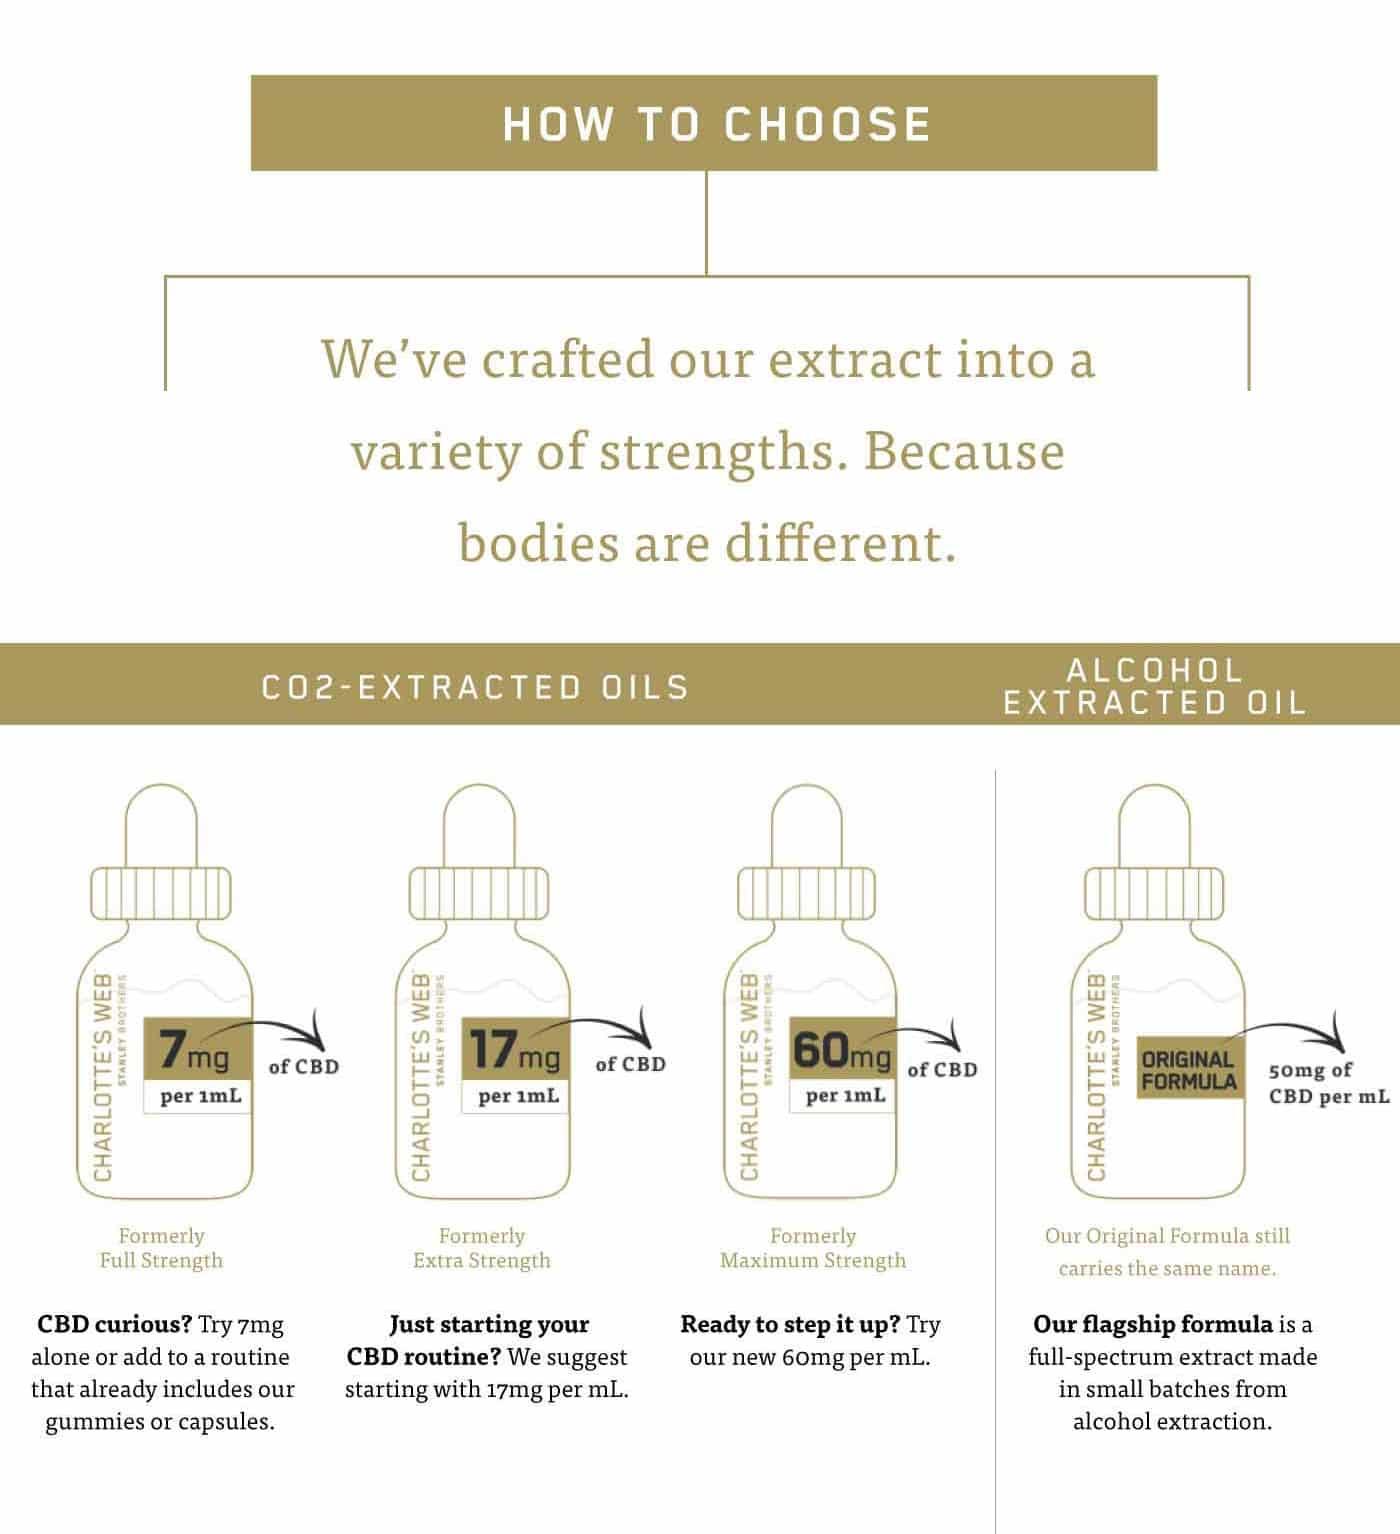 full spectrum cbd oil, What Charlotte's Web full spectrum CBD oil is right for me?